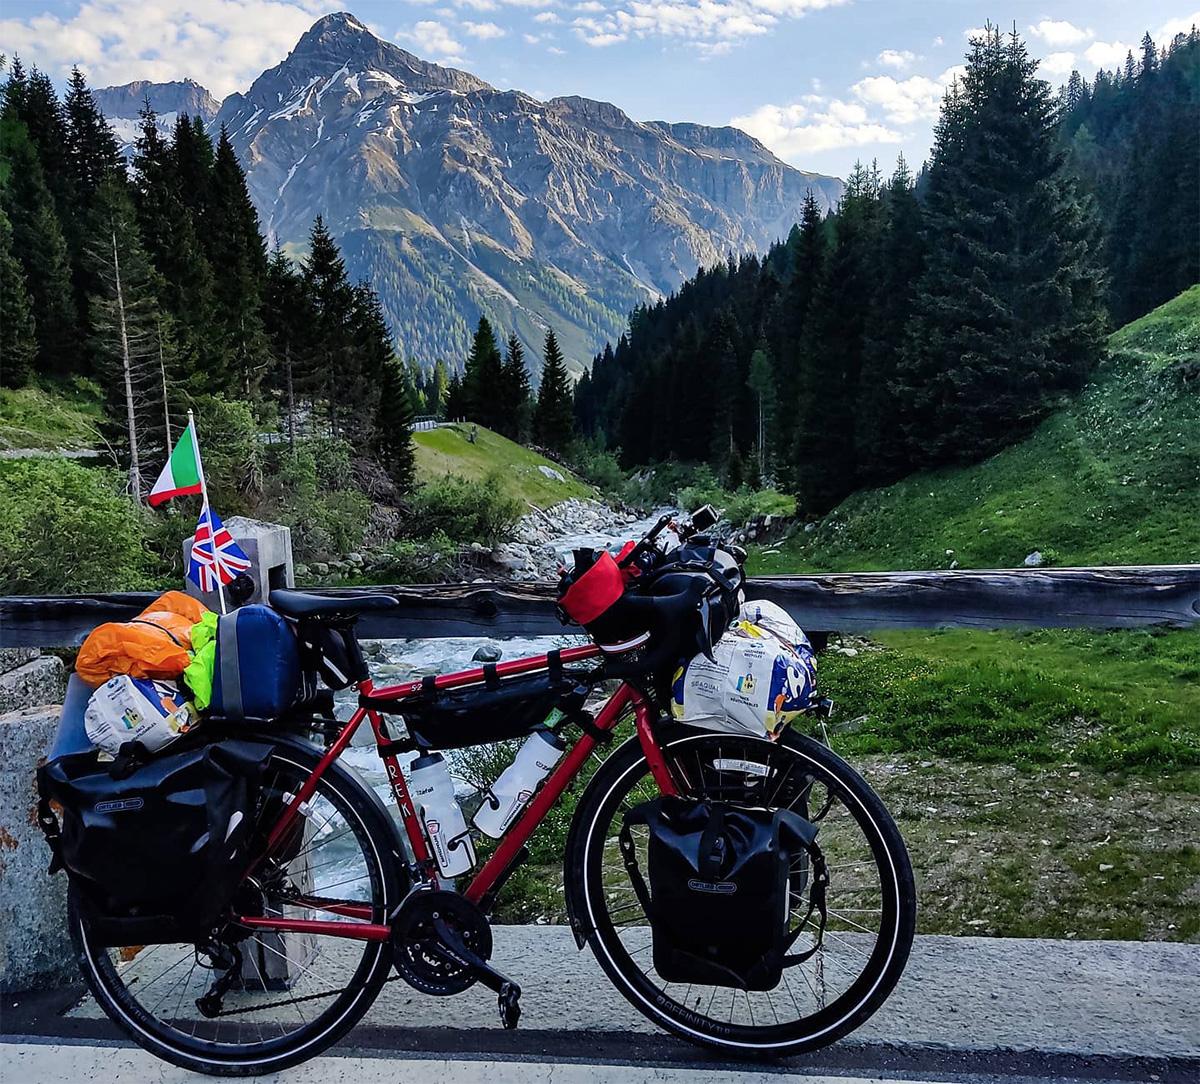 La bicicletta di Domenico Sprovieri con la quale viaggia per raccogliere fondi per la ricerca sul rene policistico